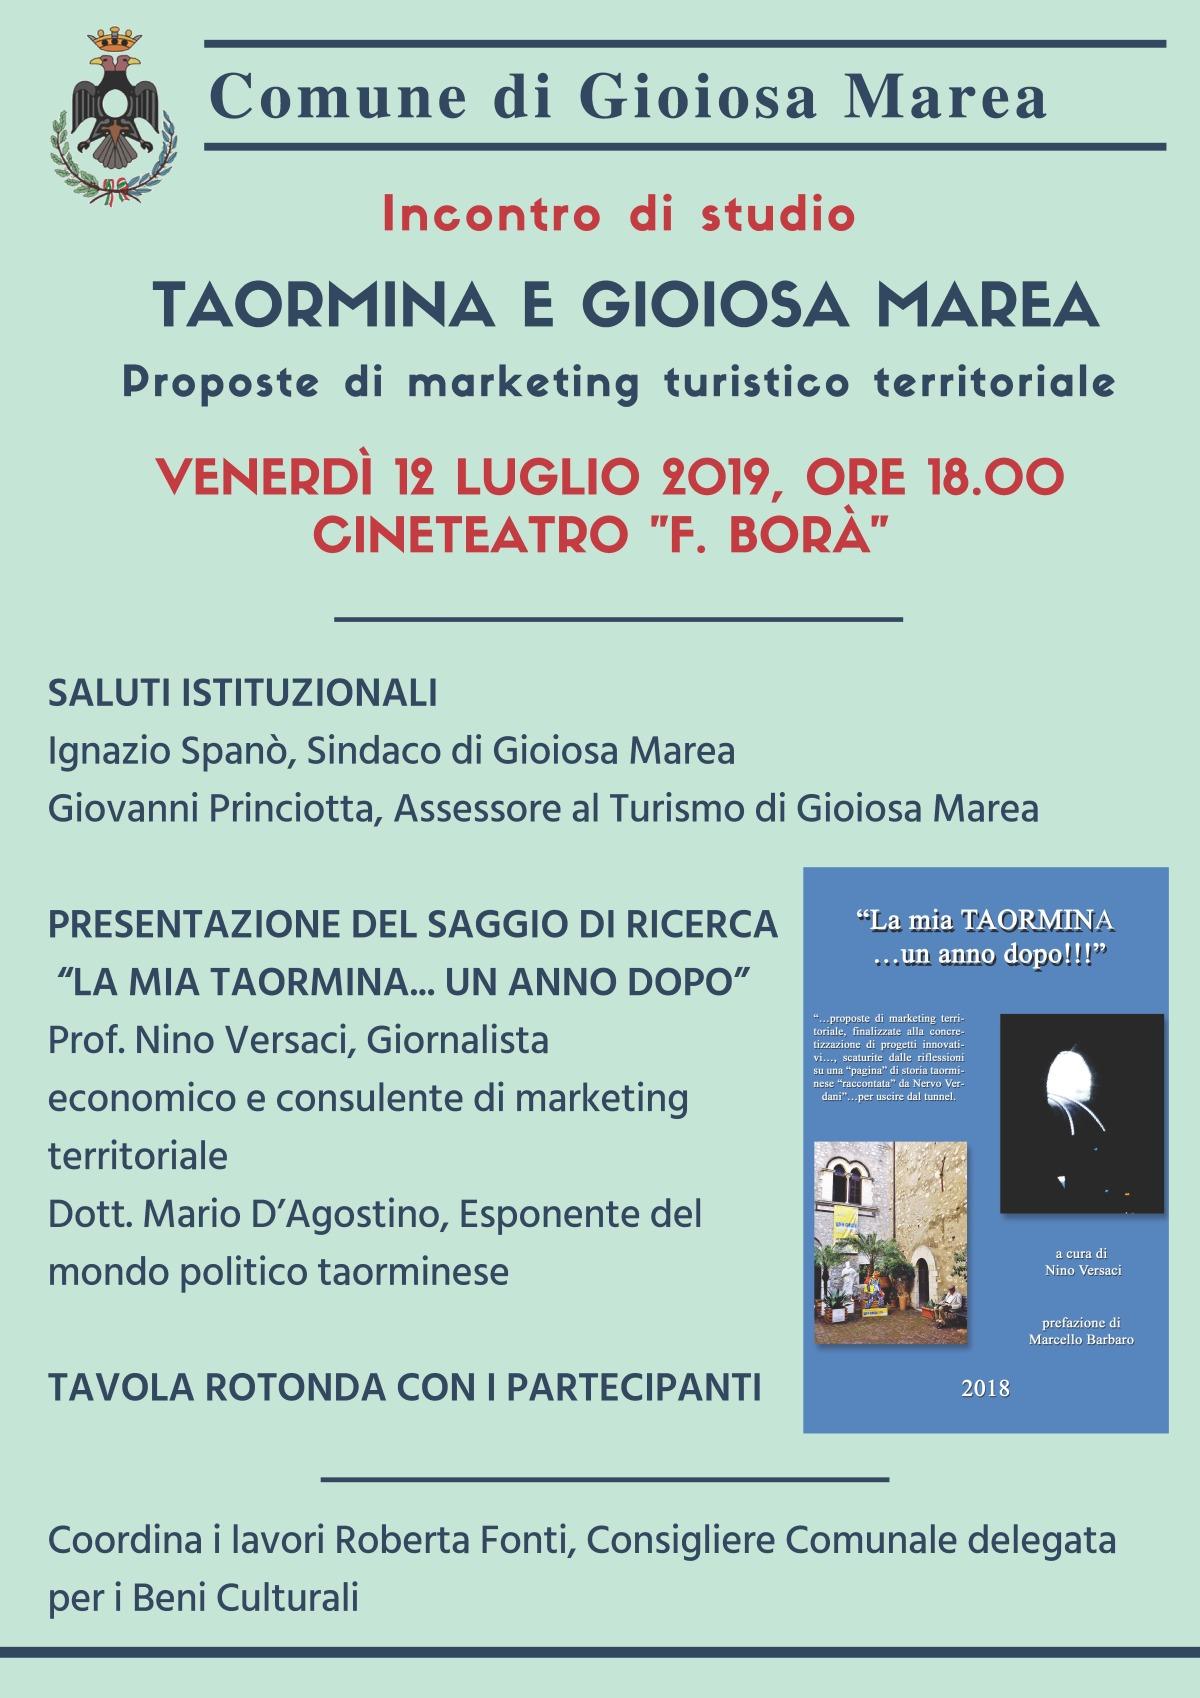 Incontro di studio Taormina & Gioiosa Marea